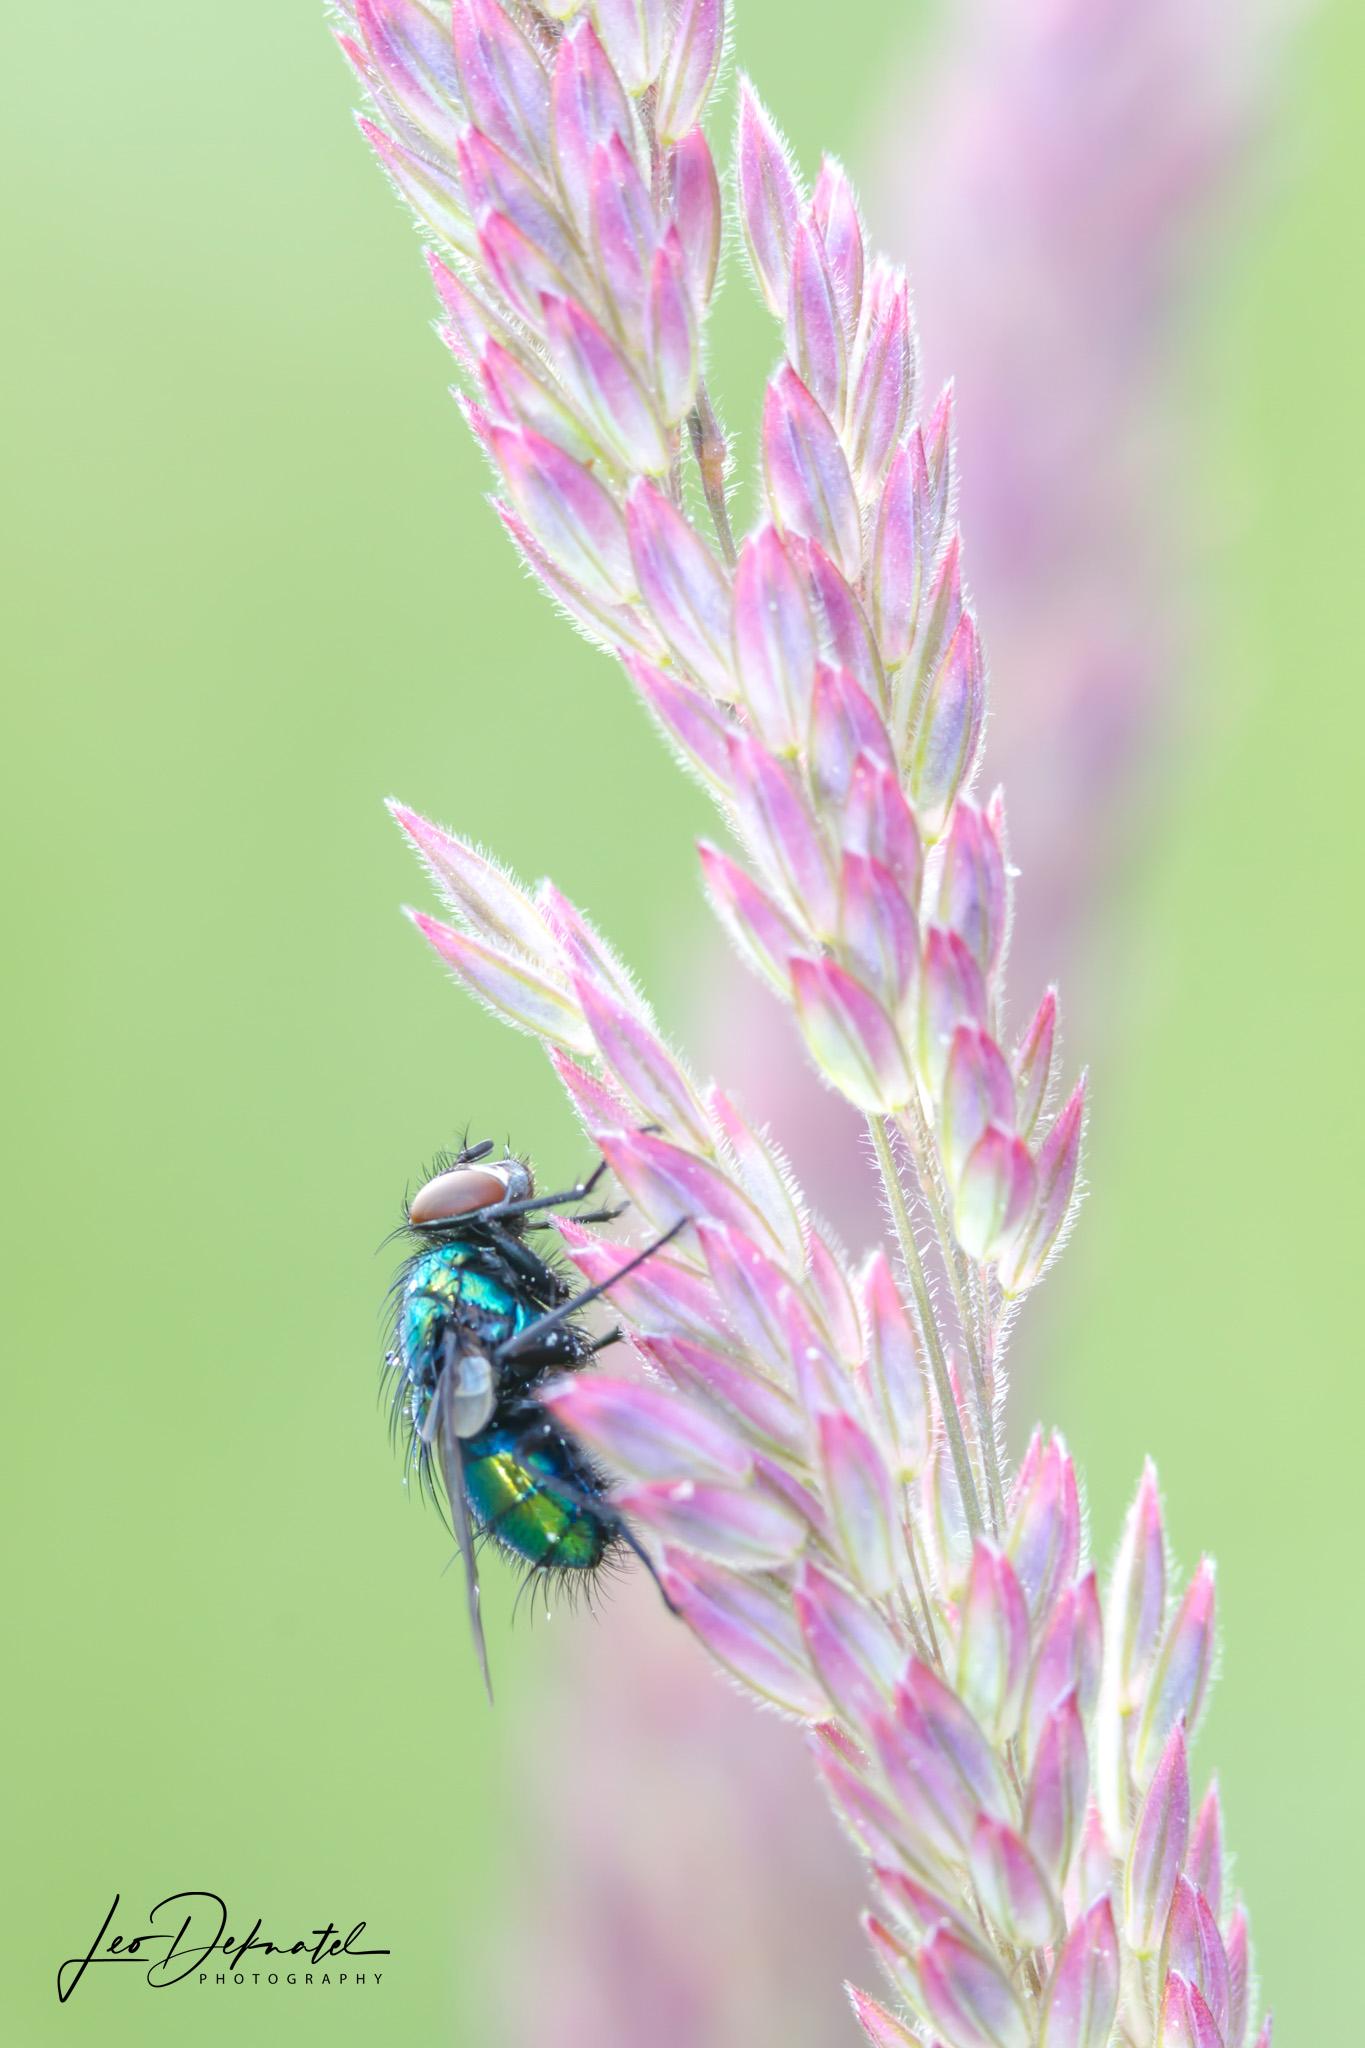 Vleesvlieg, Vlieg, Gras, Macro, Macrofotografie, Insect, Insecten, Natuur, Natuurfotografie